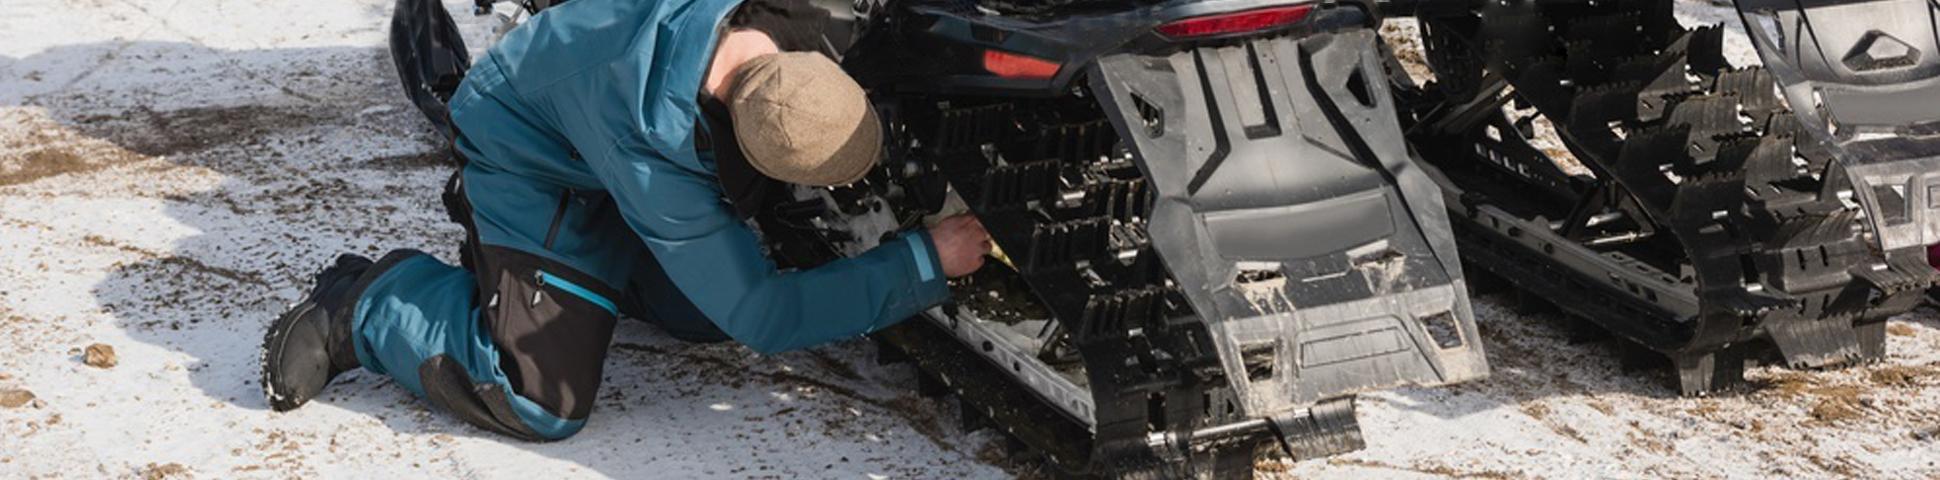 Camso Produits recreatifs motoneige chenille inspection Entete 1940x480